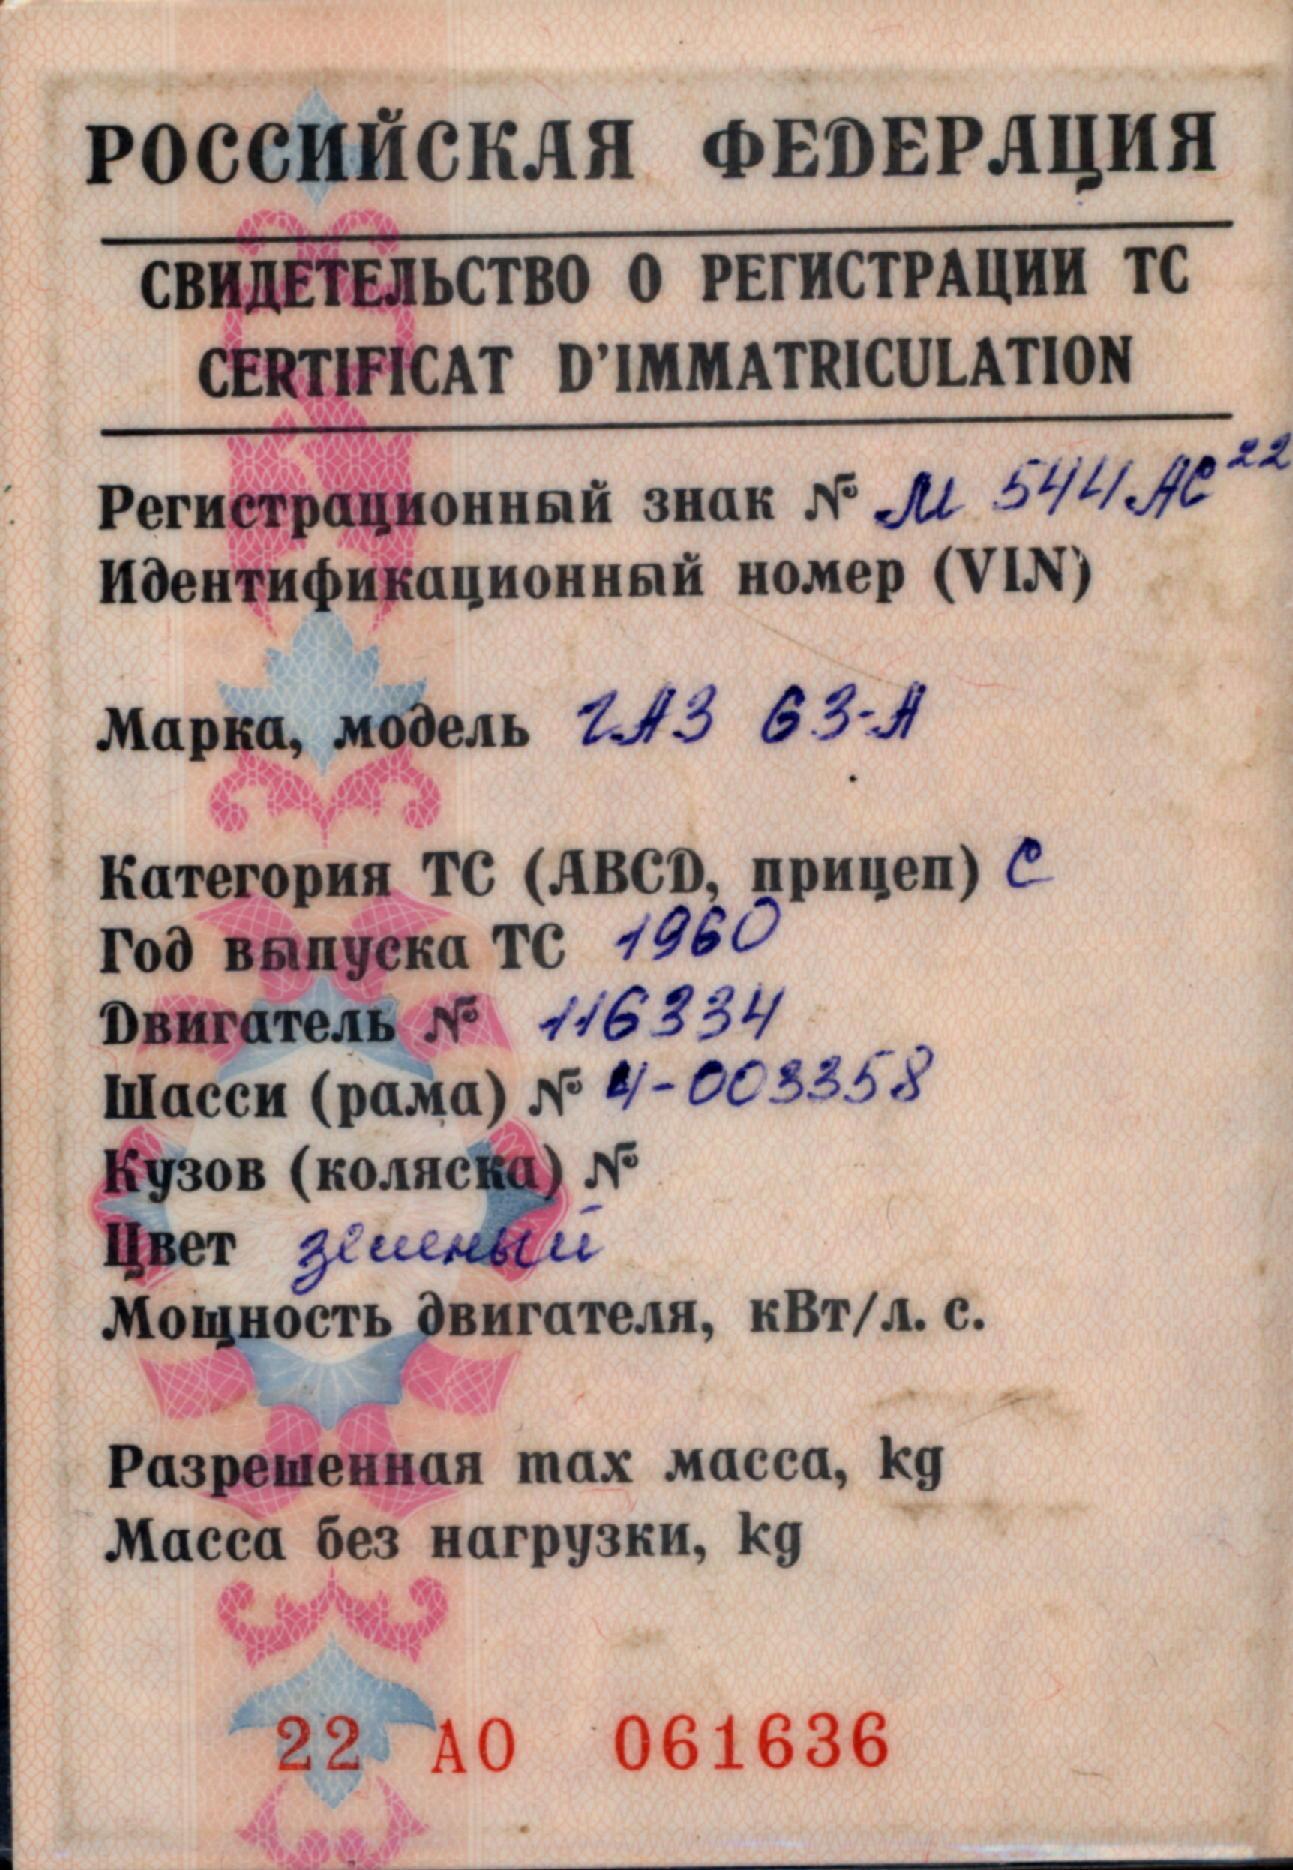 ГАЗ-63 свидетельство о регистрации